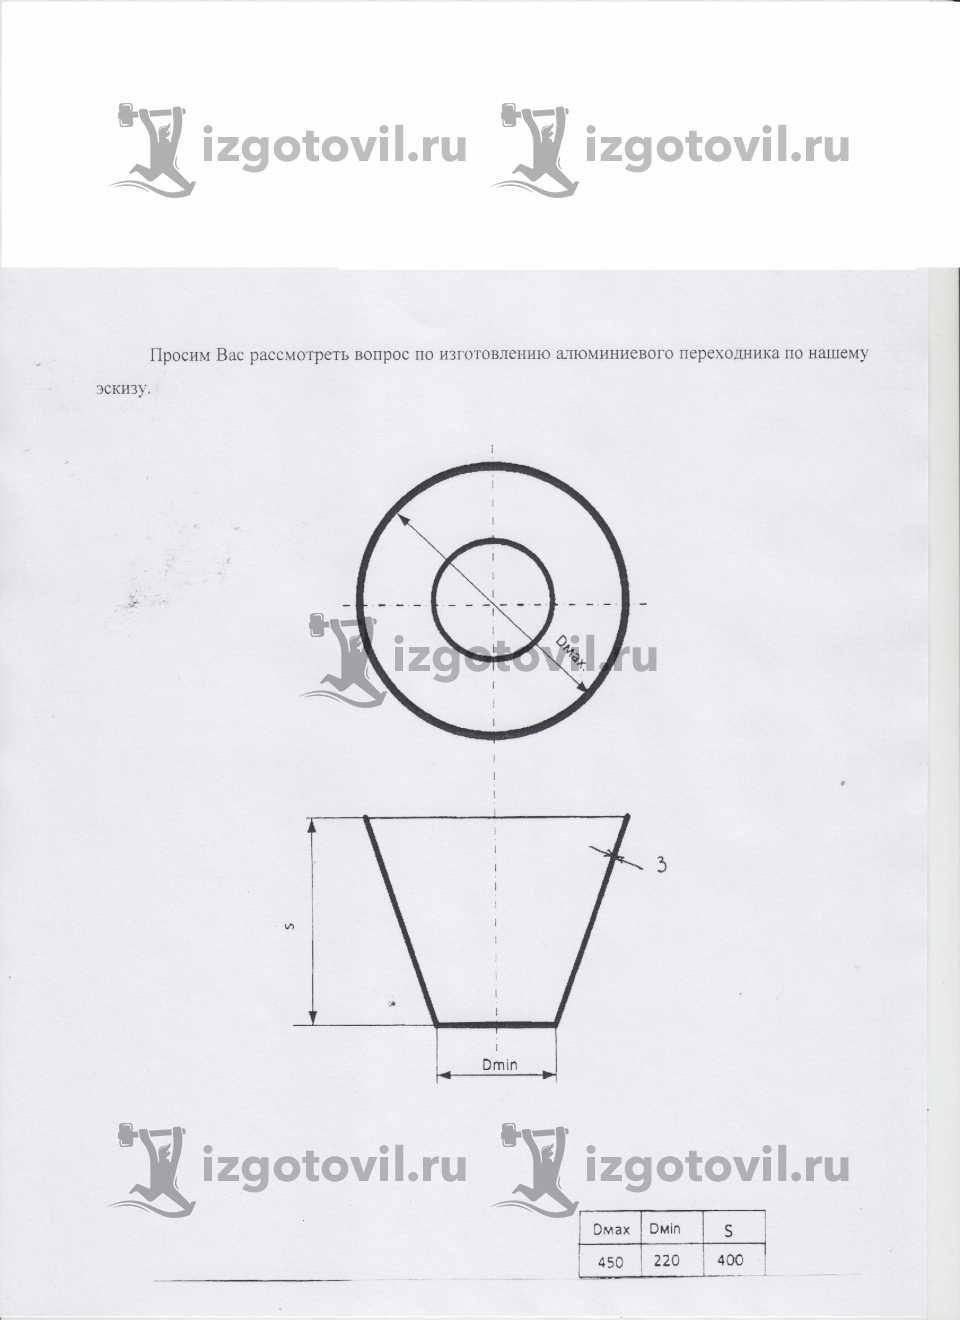 Токарная обработка деталей - изготовить муфту